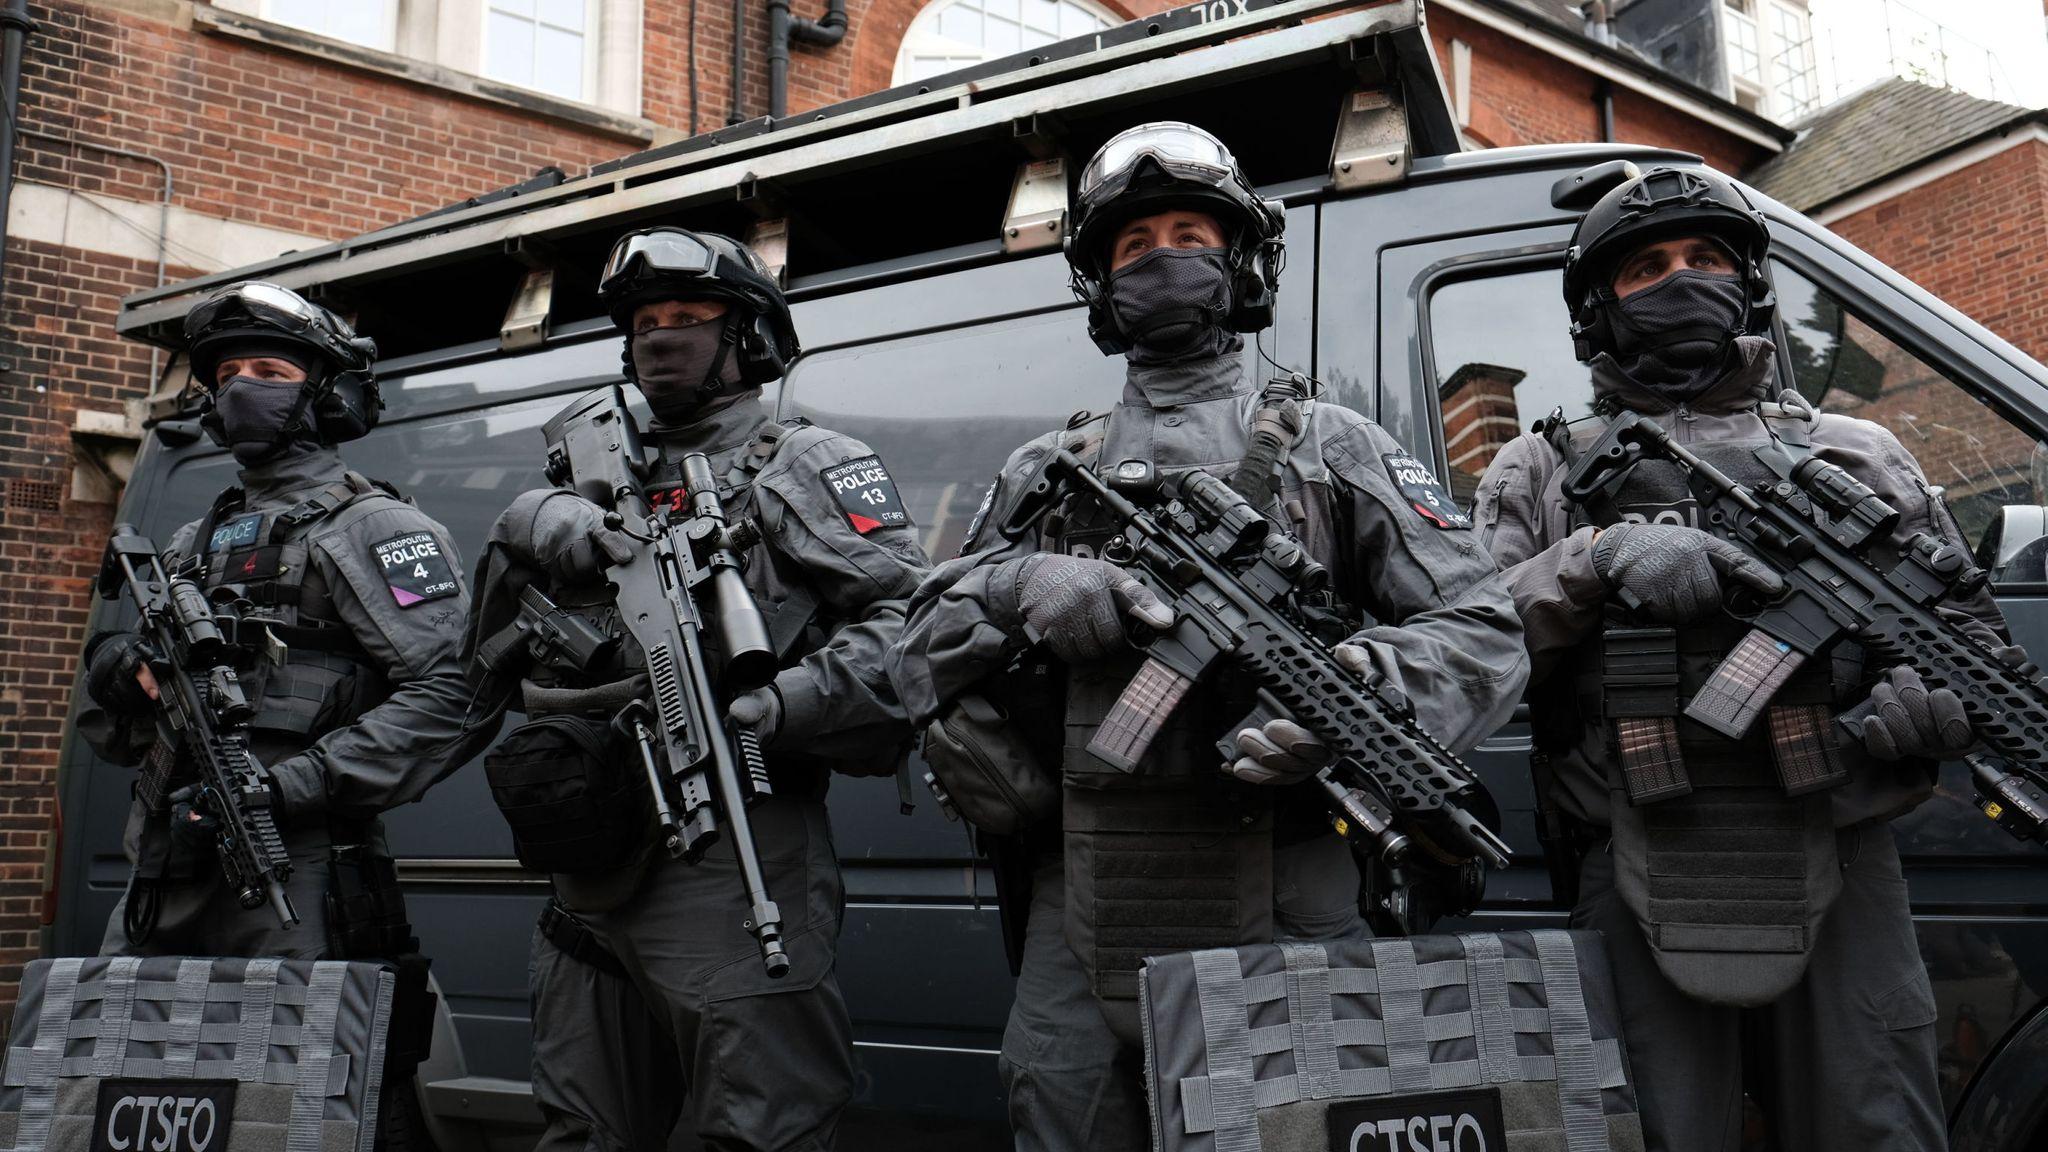 فرنسا: الجهود المشتركة لمكافحة الإرهاب يجب أن تستمر 4